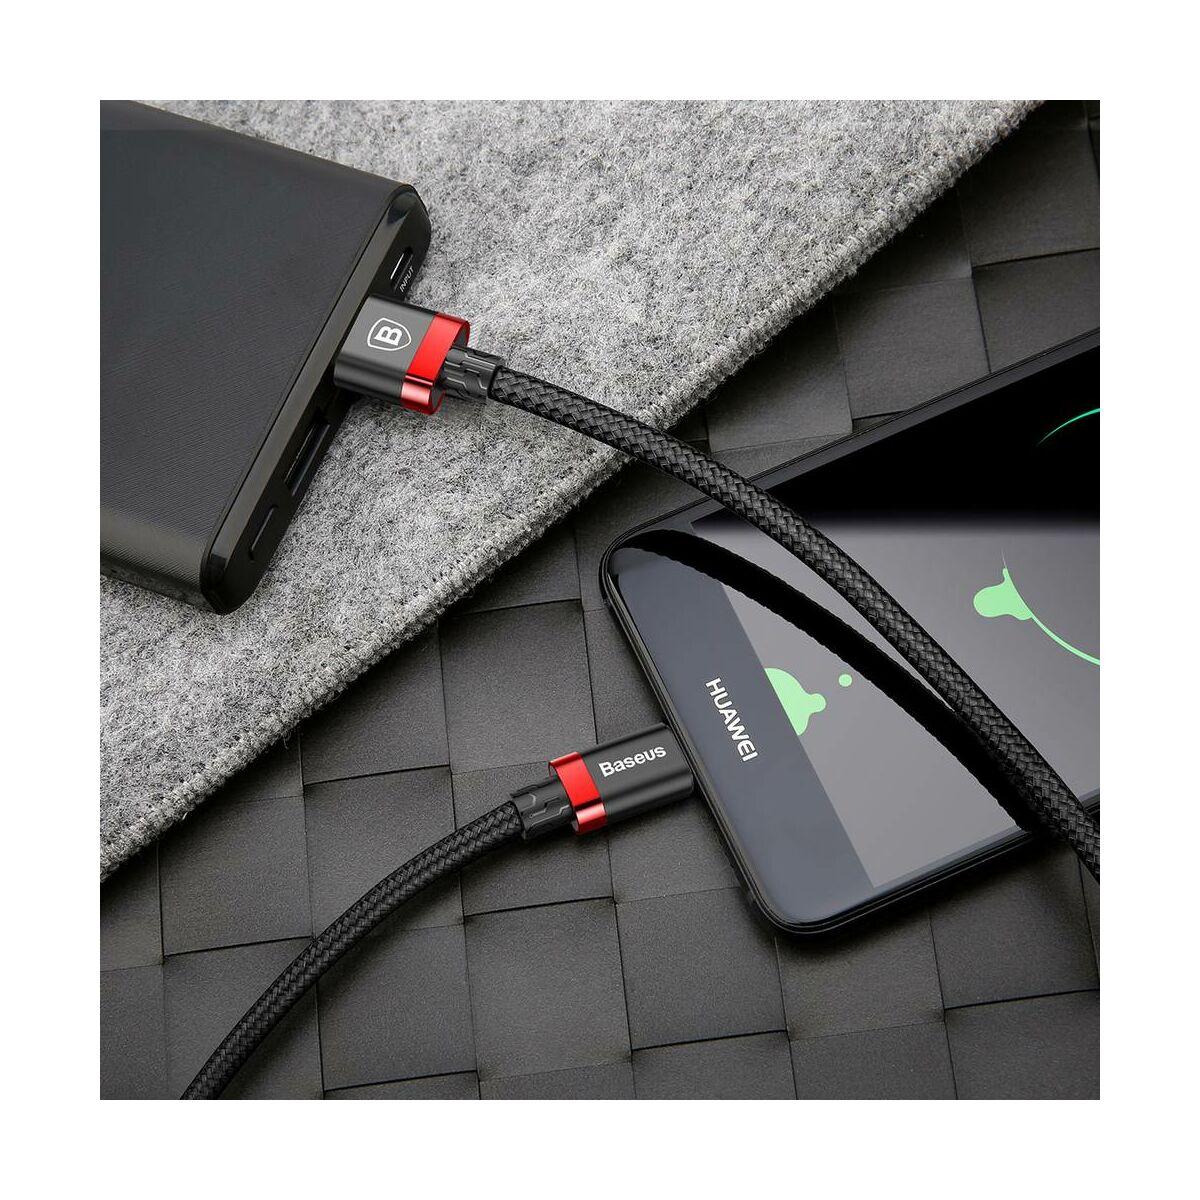 Baseus Type-C kábel, Golden Belt Series prémium USB3.0 kábel, 3A, 1m, fekete/piros (CATGB-19)